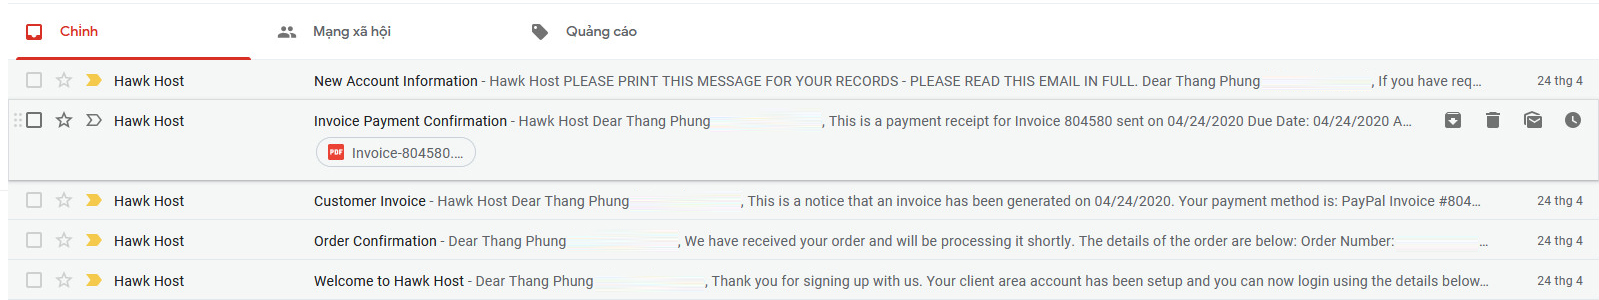 Email nhận được khi mua Hawkhost